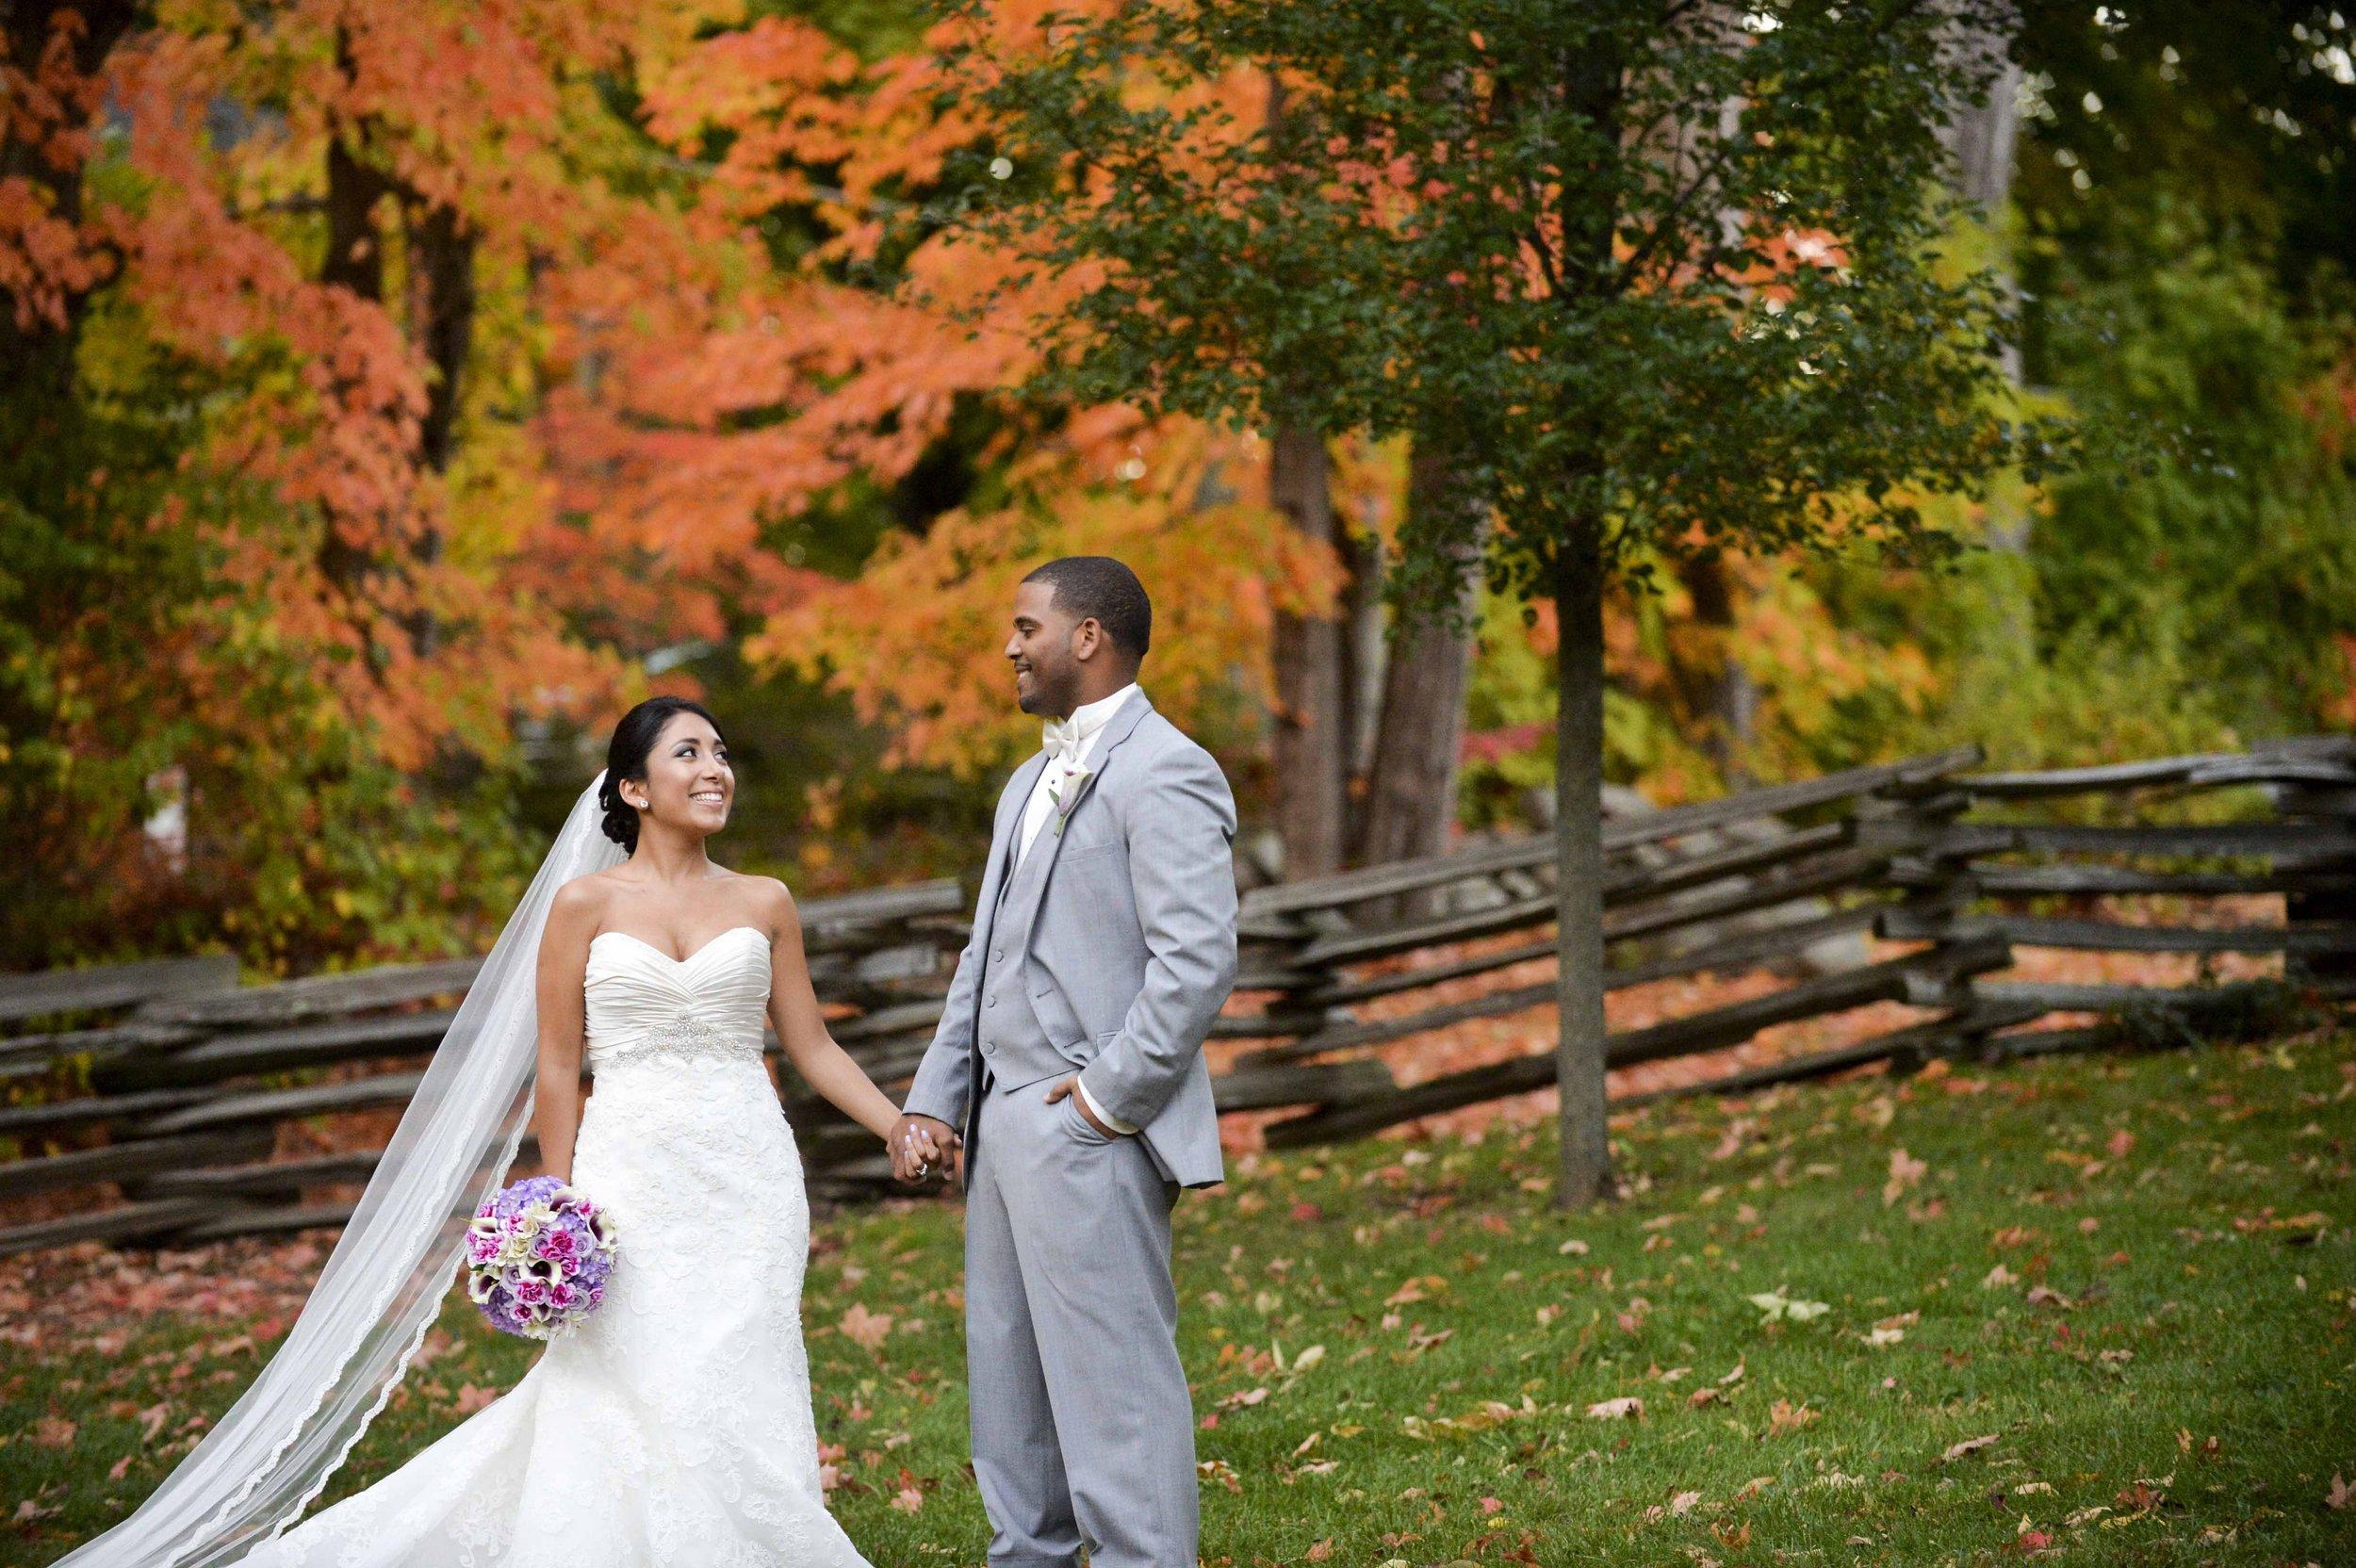 617 Wedding Photography